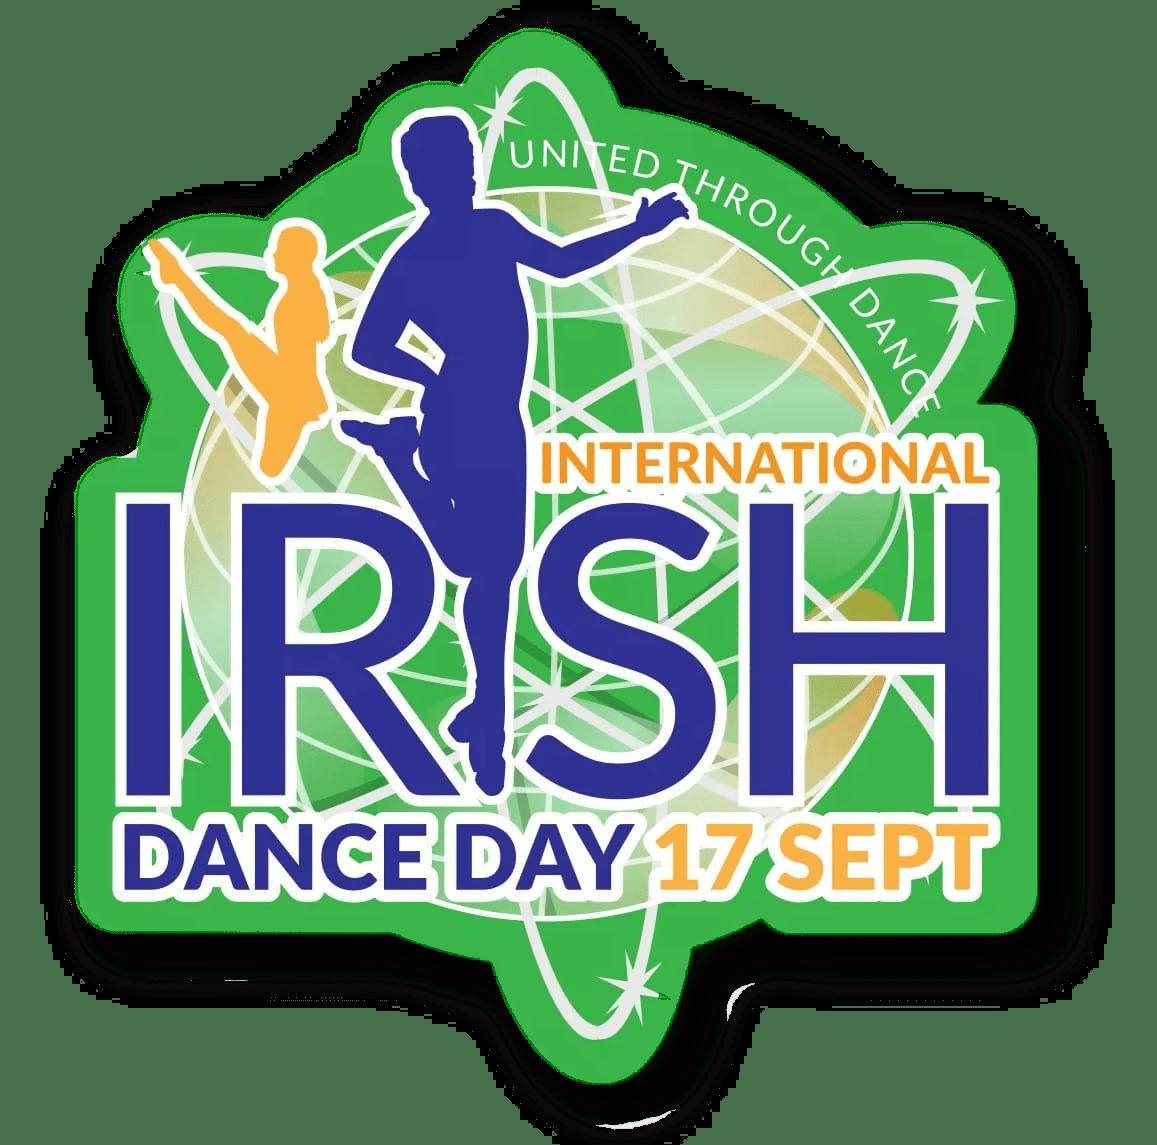 International Irish Dance Day